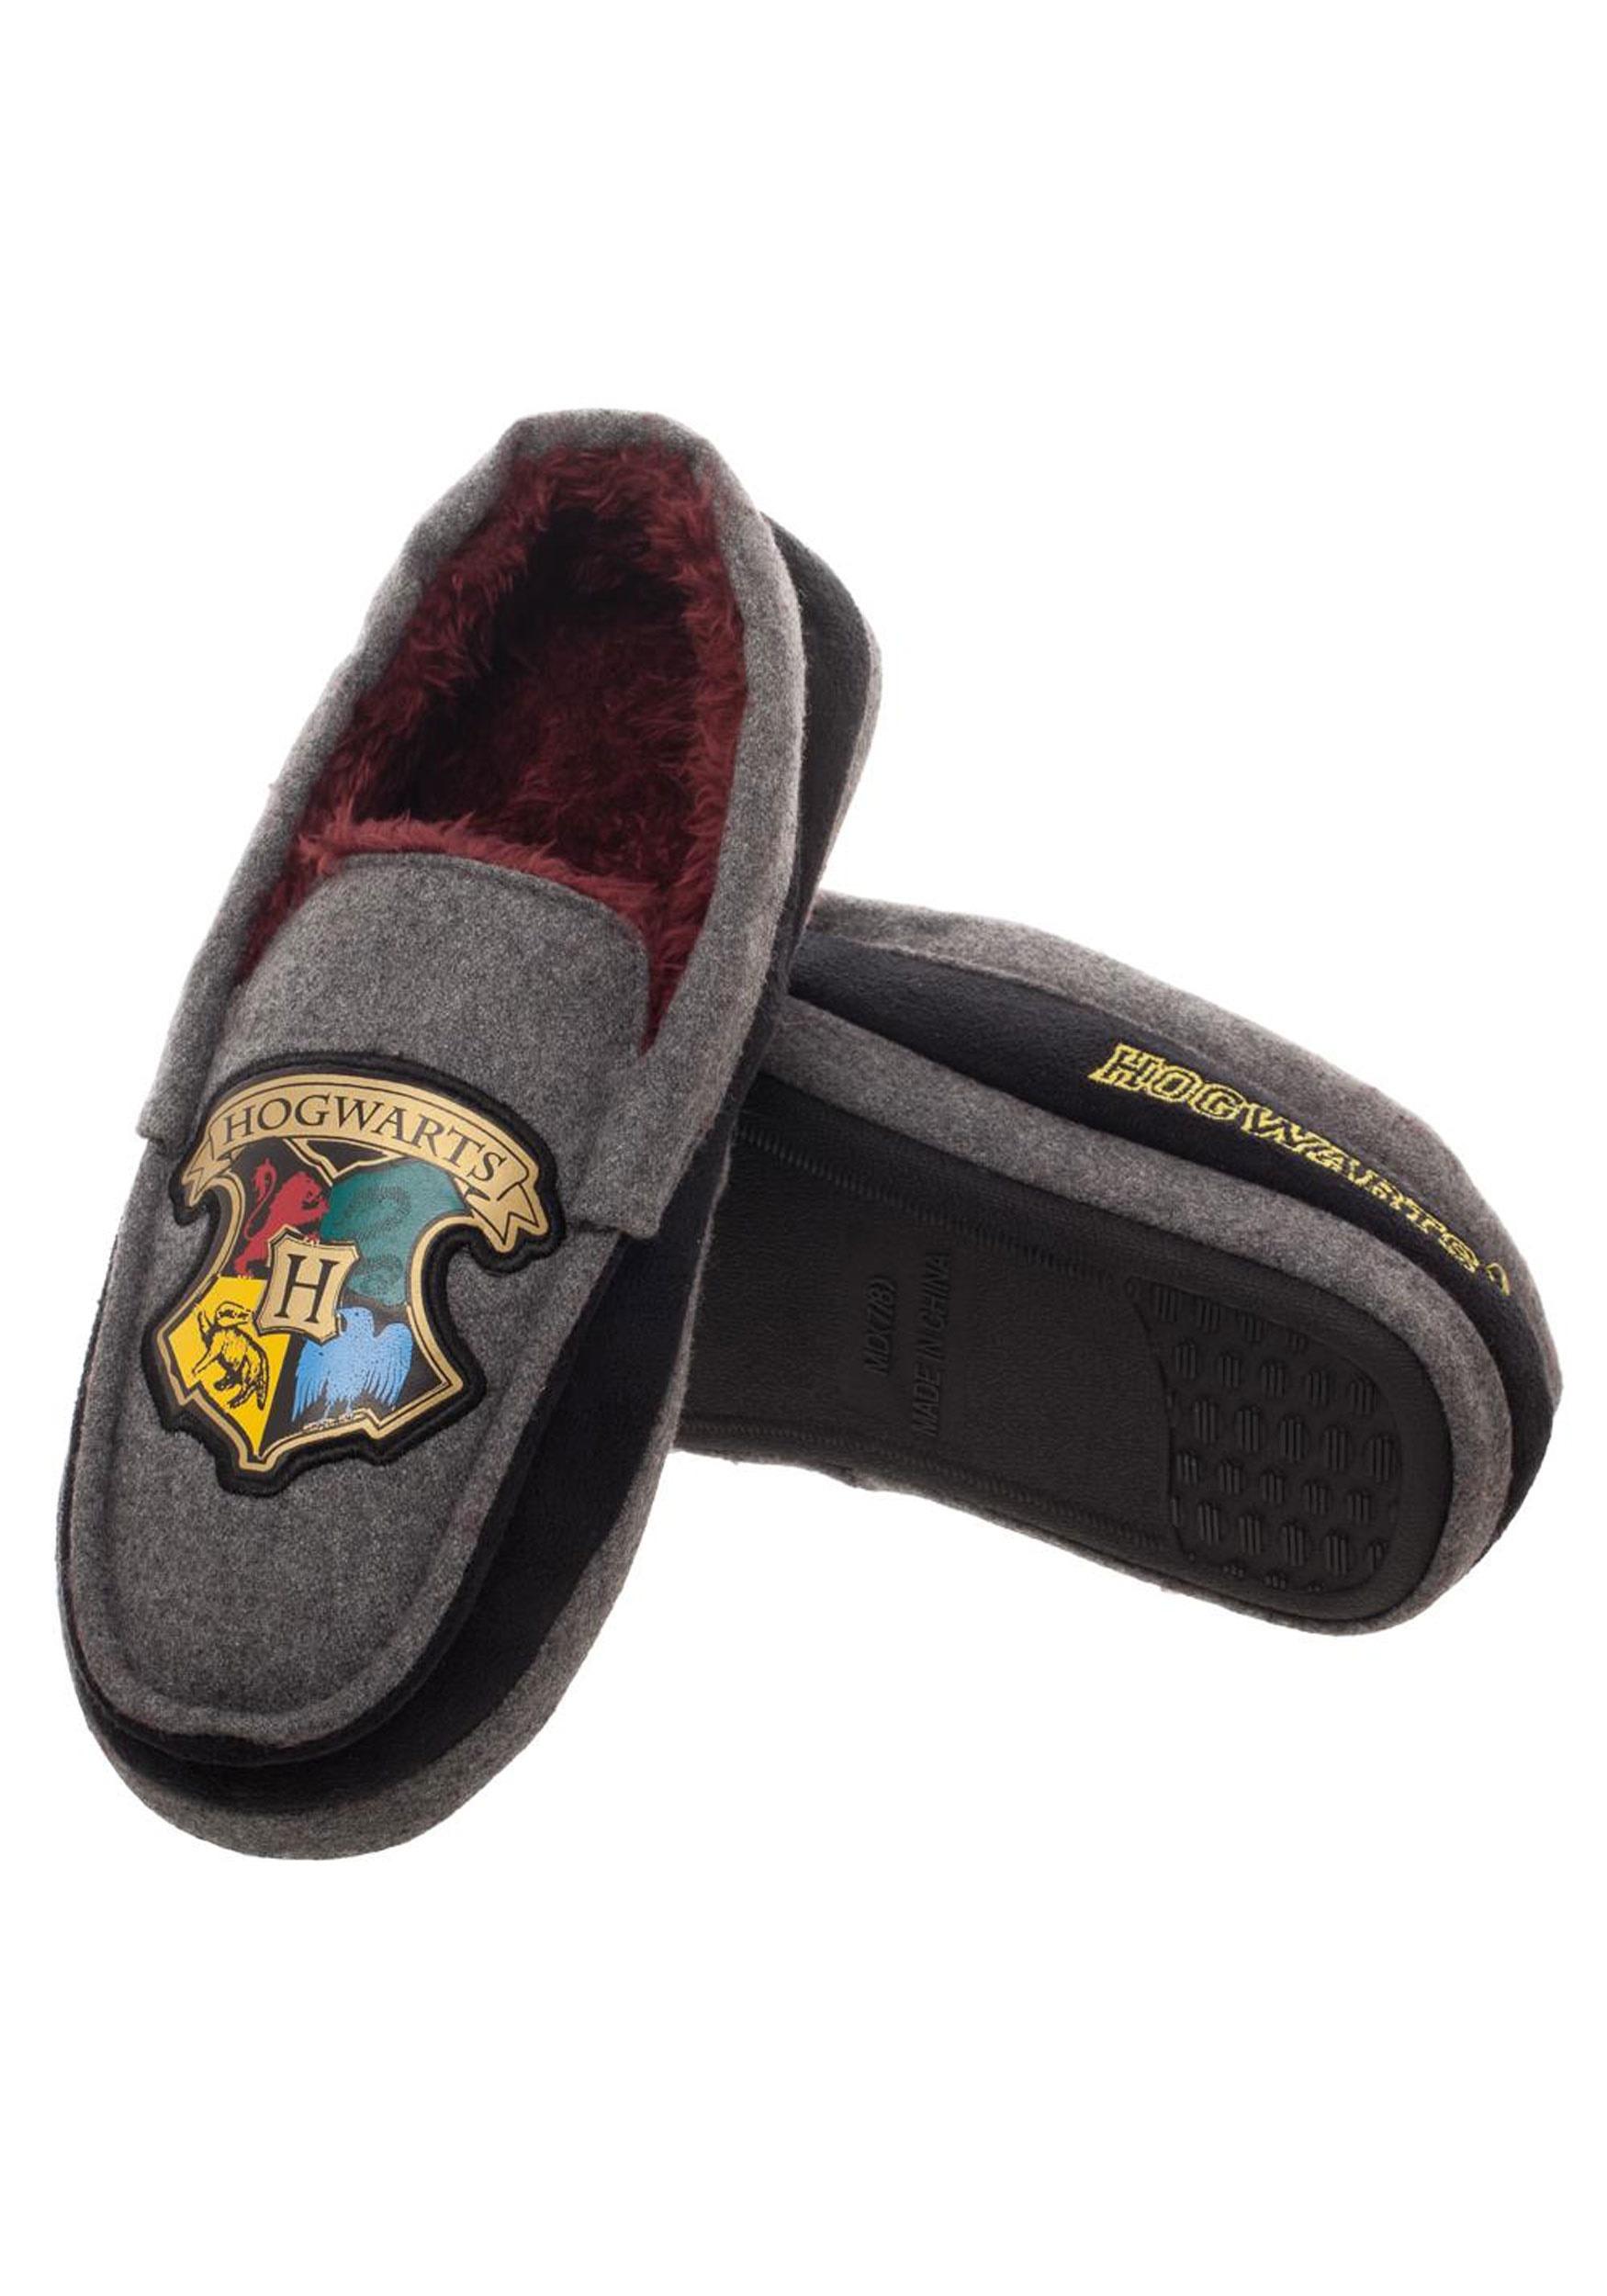 c11465a63f789 Adult Harry Potter Hogwarts Crest Moccasins